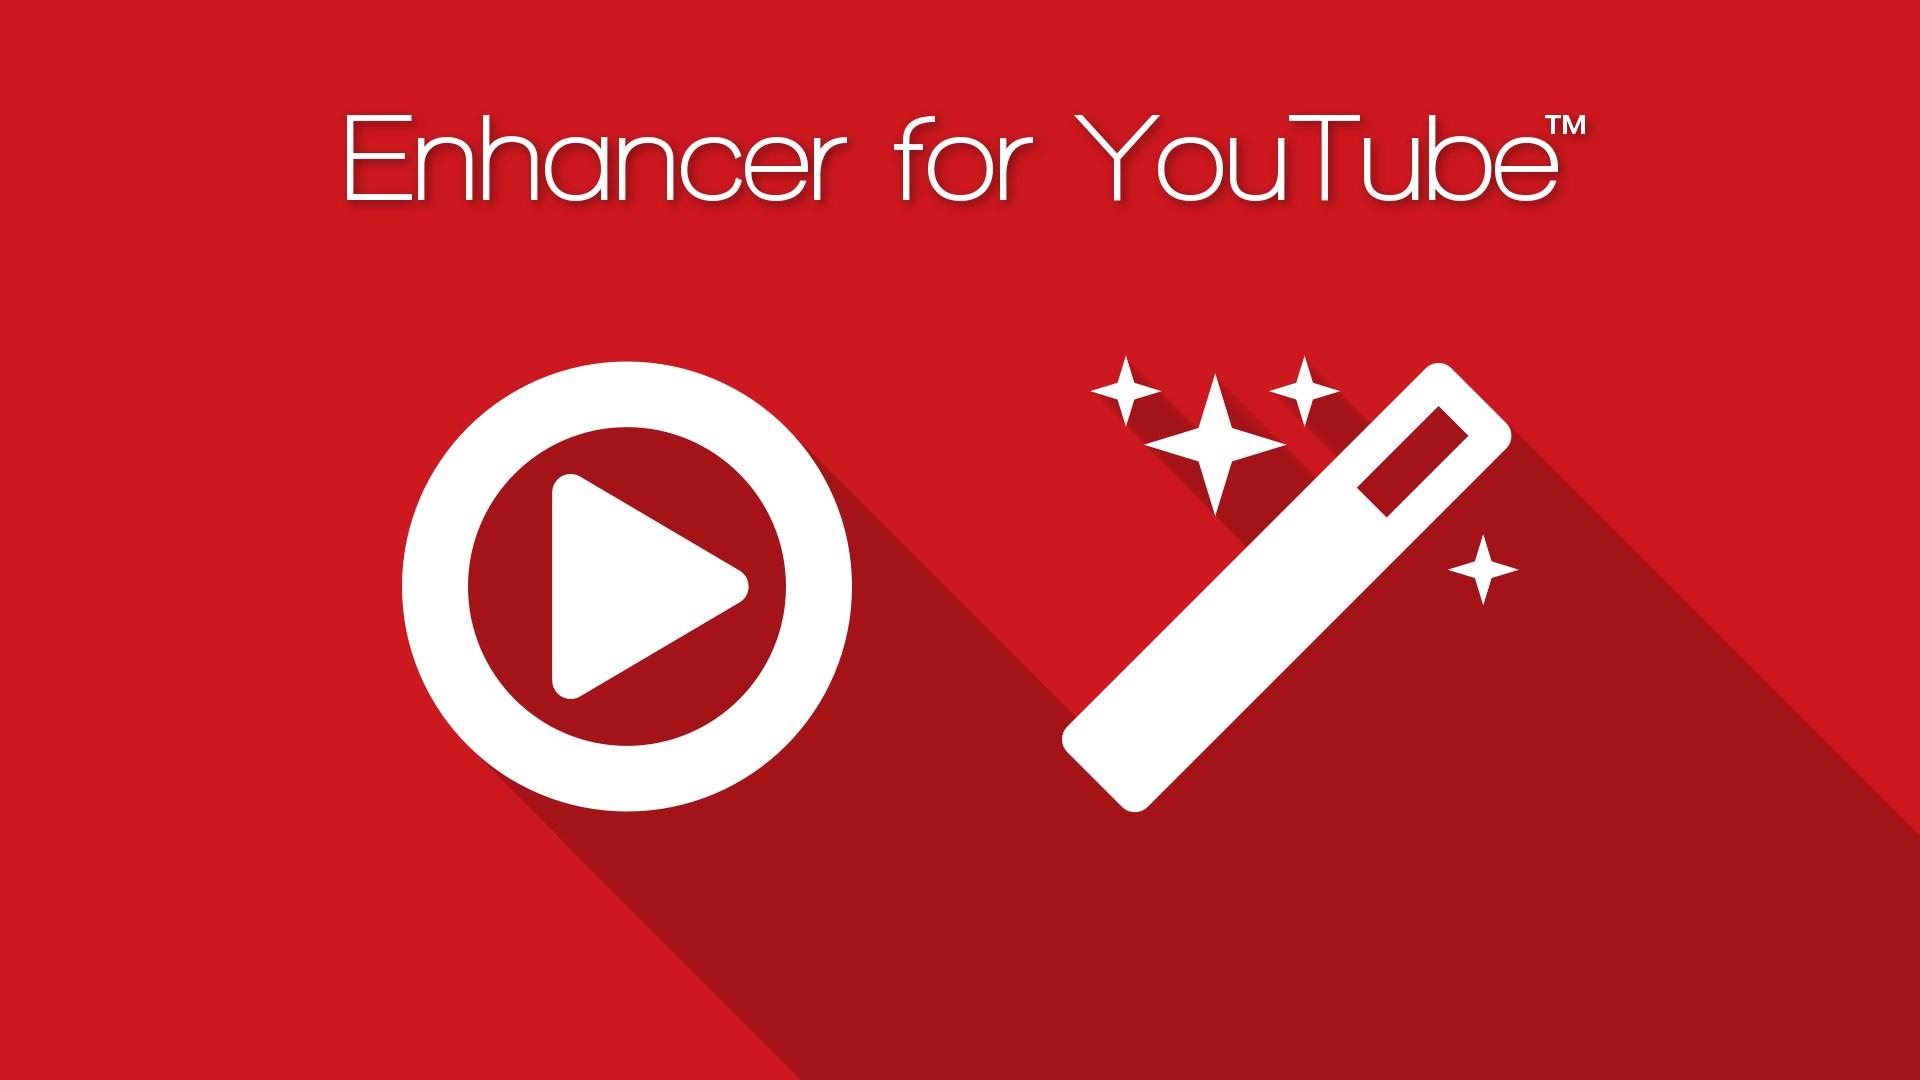 Get Enhancer for YouTube™ for Microsoft Edge™ - Microsoft